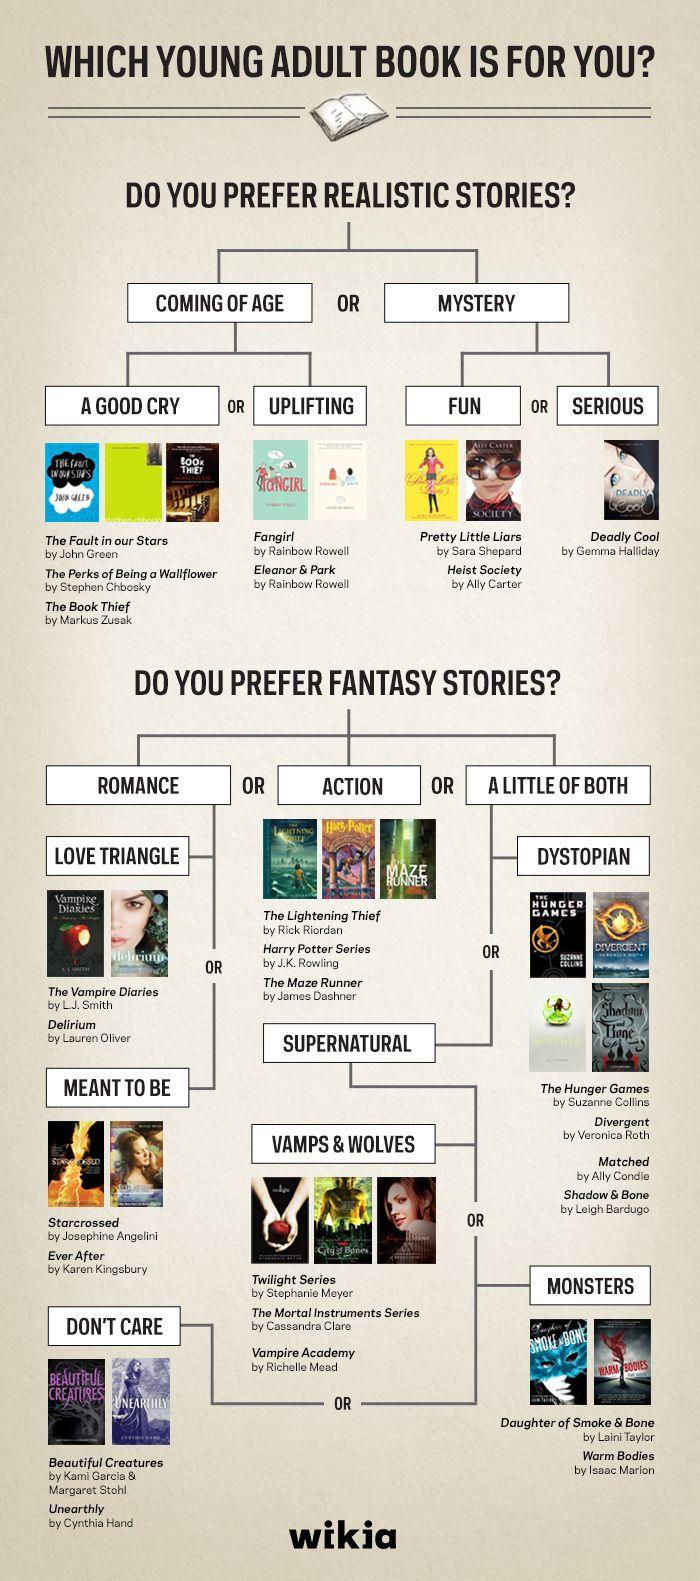 Which Ya Book Should You Read Next Books For Teens Book Club Books Ya Books